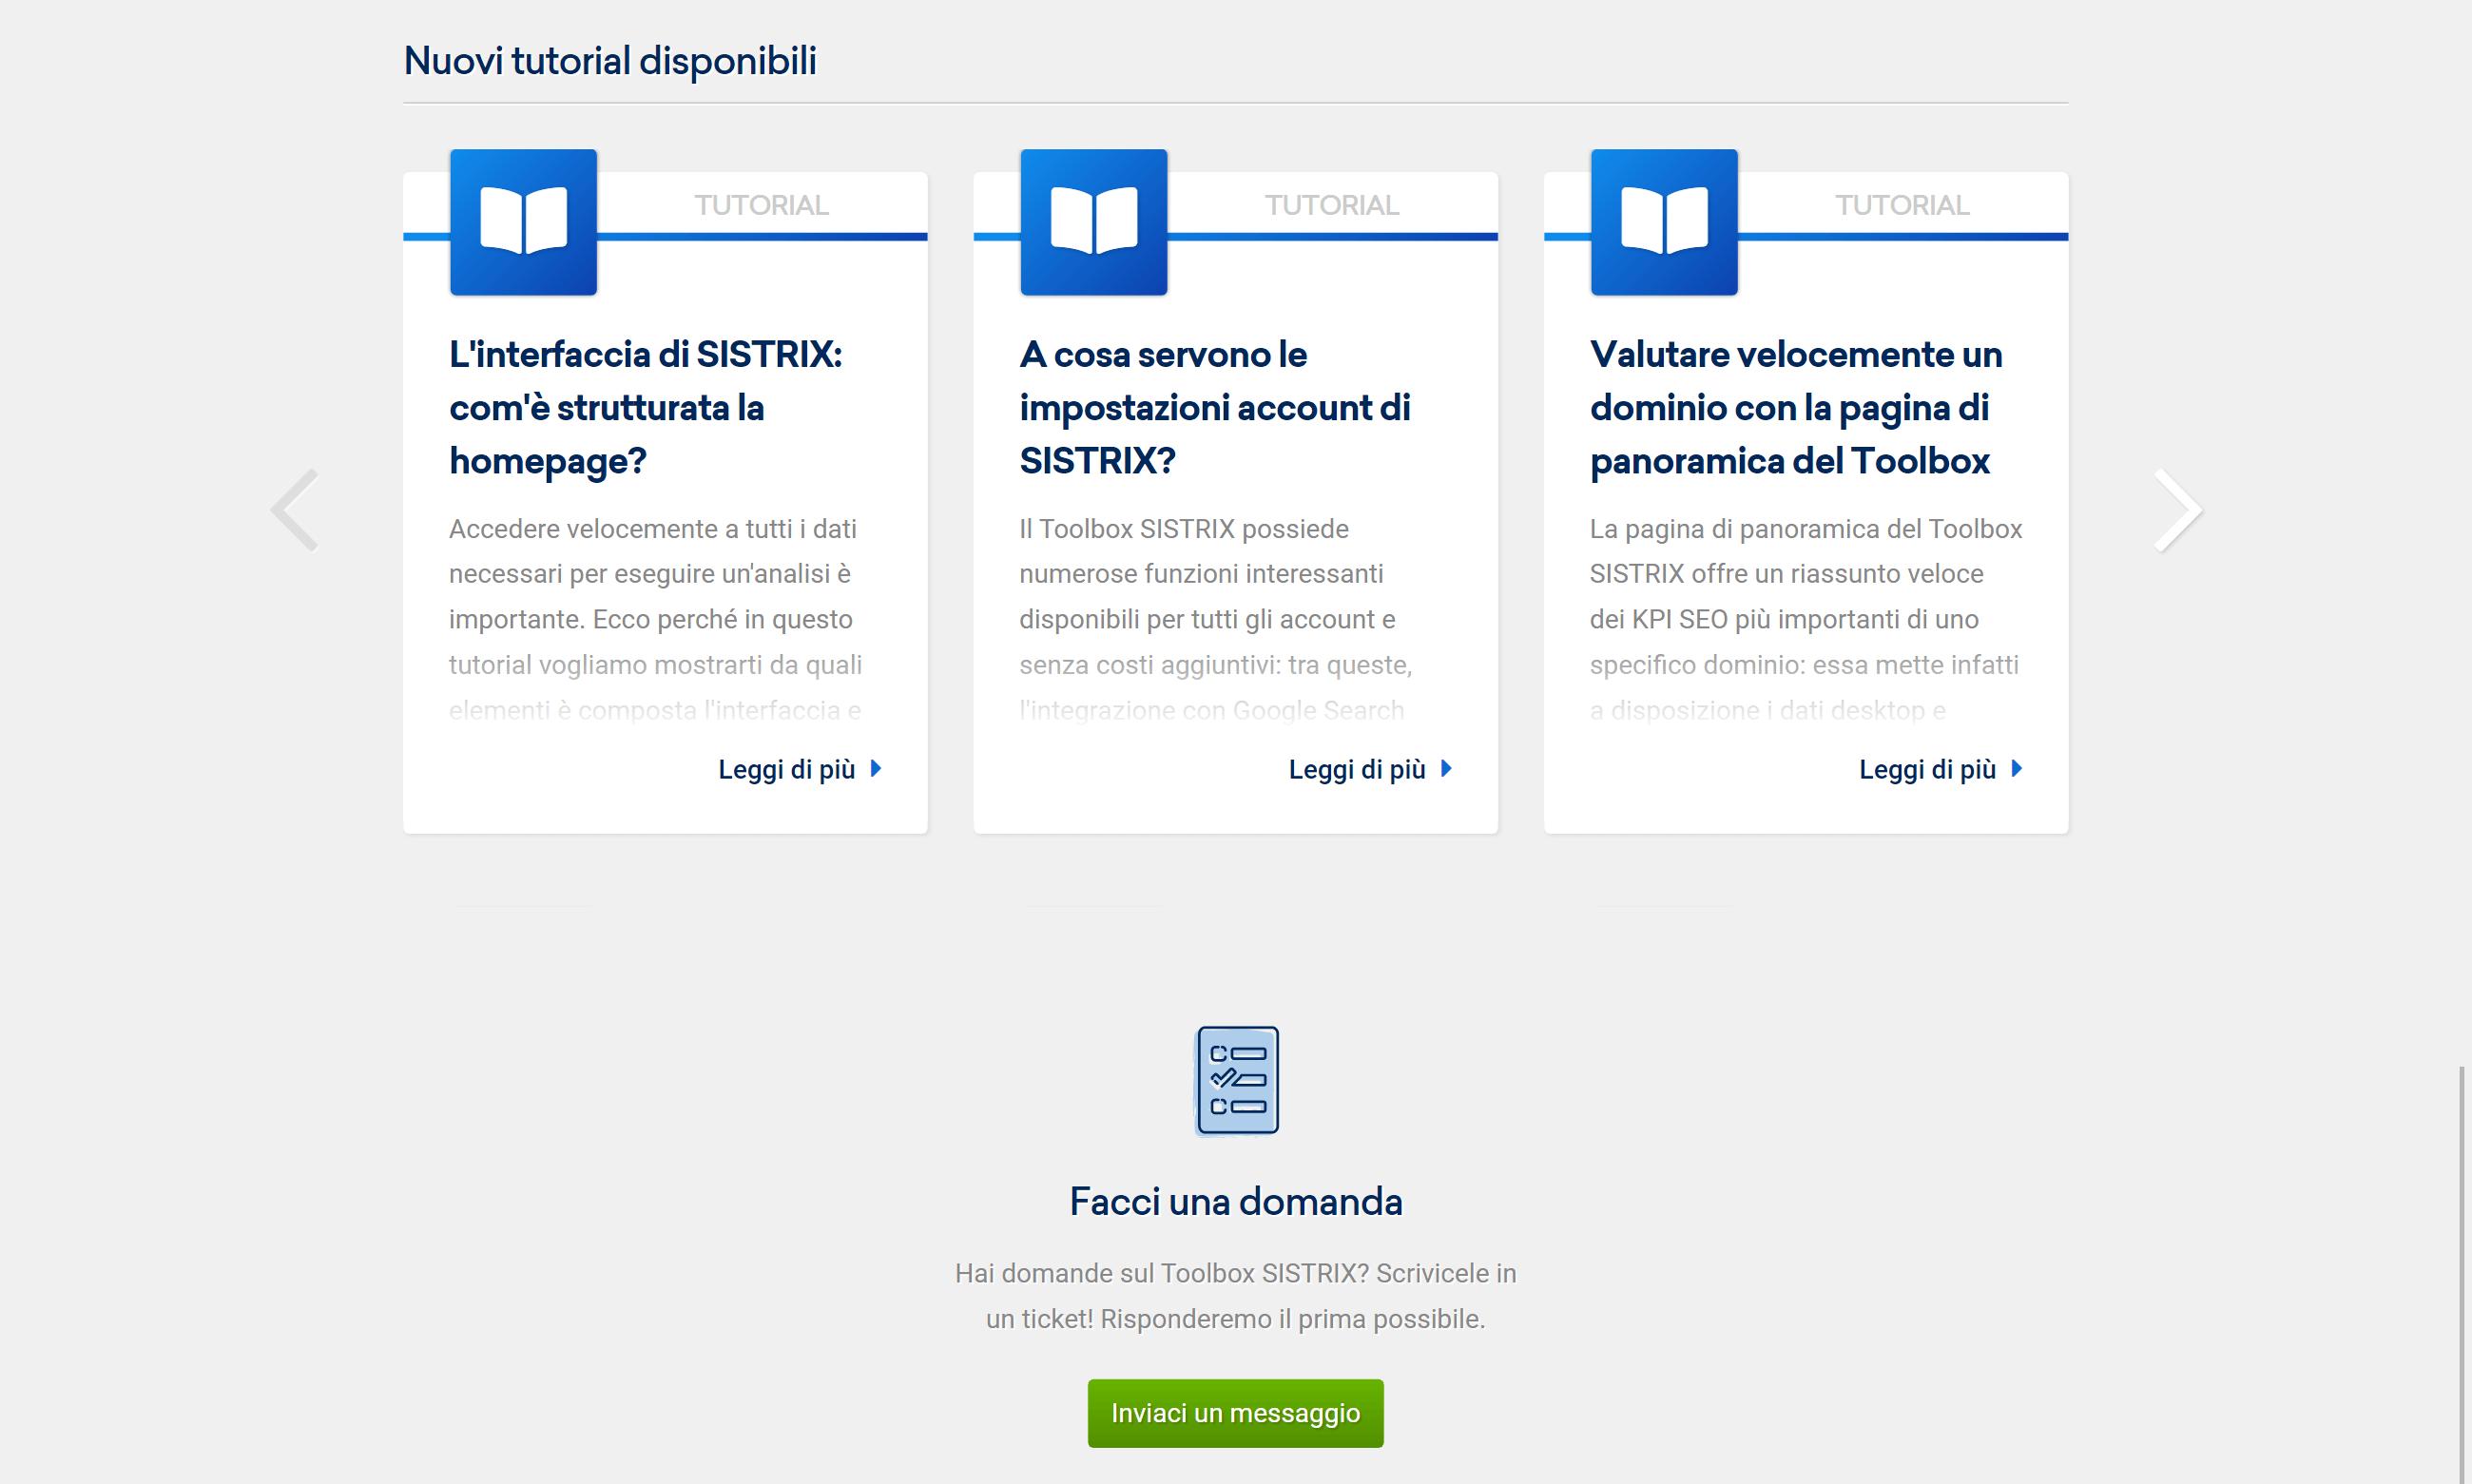 Come aggiungere delle keyword manualmente ad una lista nel Toolbox SISTRIX